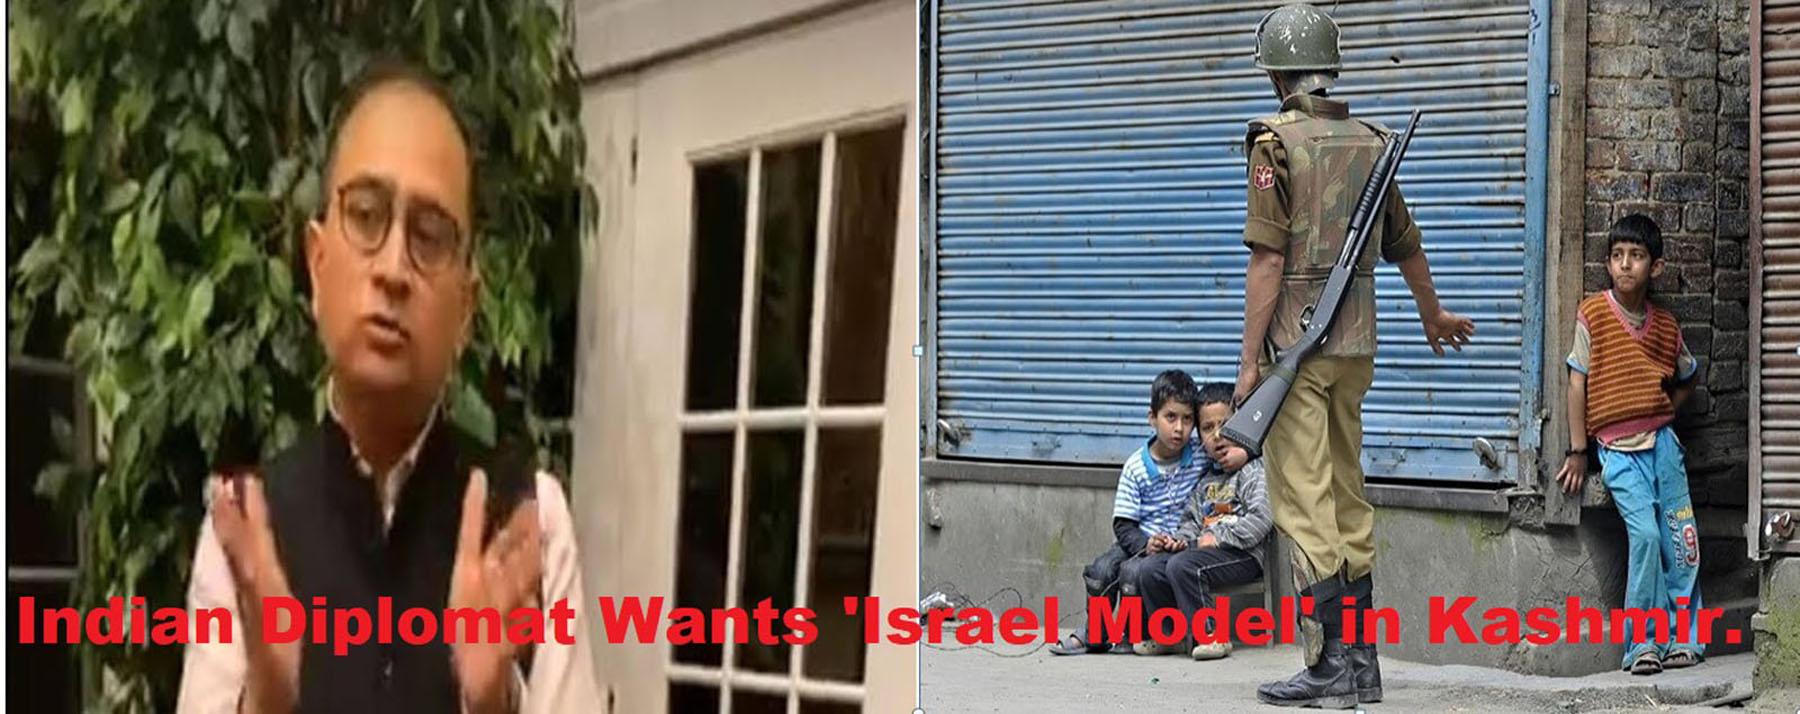 कश्मीर में 'इज़राईल मॉडल' को अपनाना चाहिए : भारतीय राजनयिक।